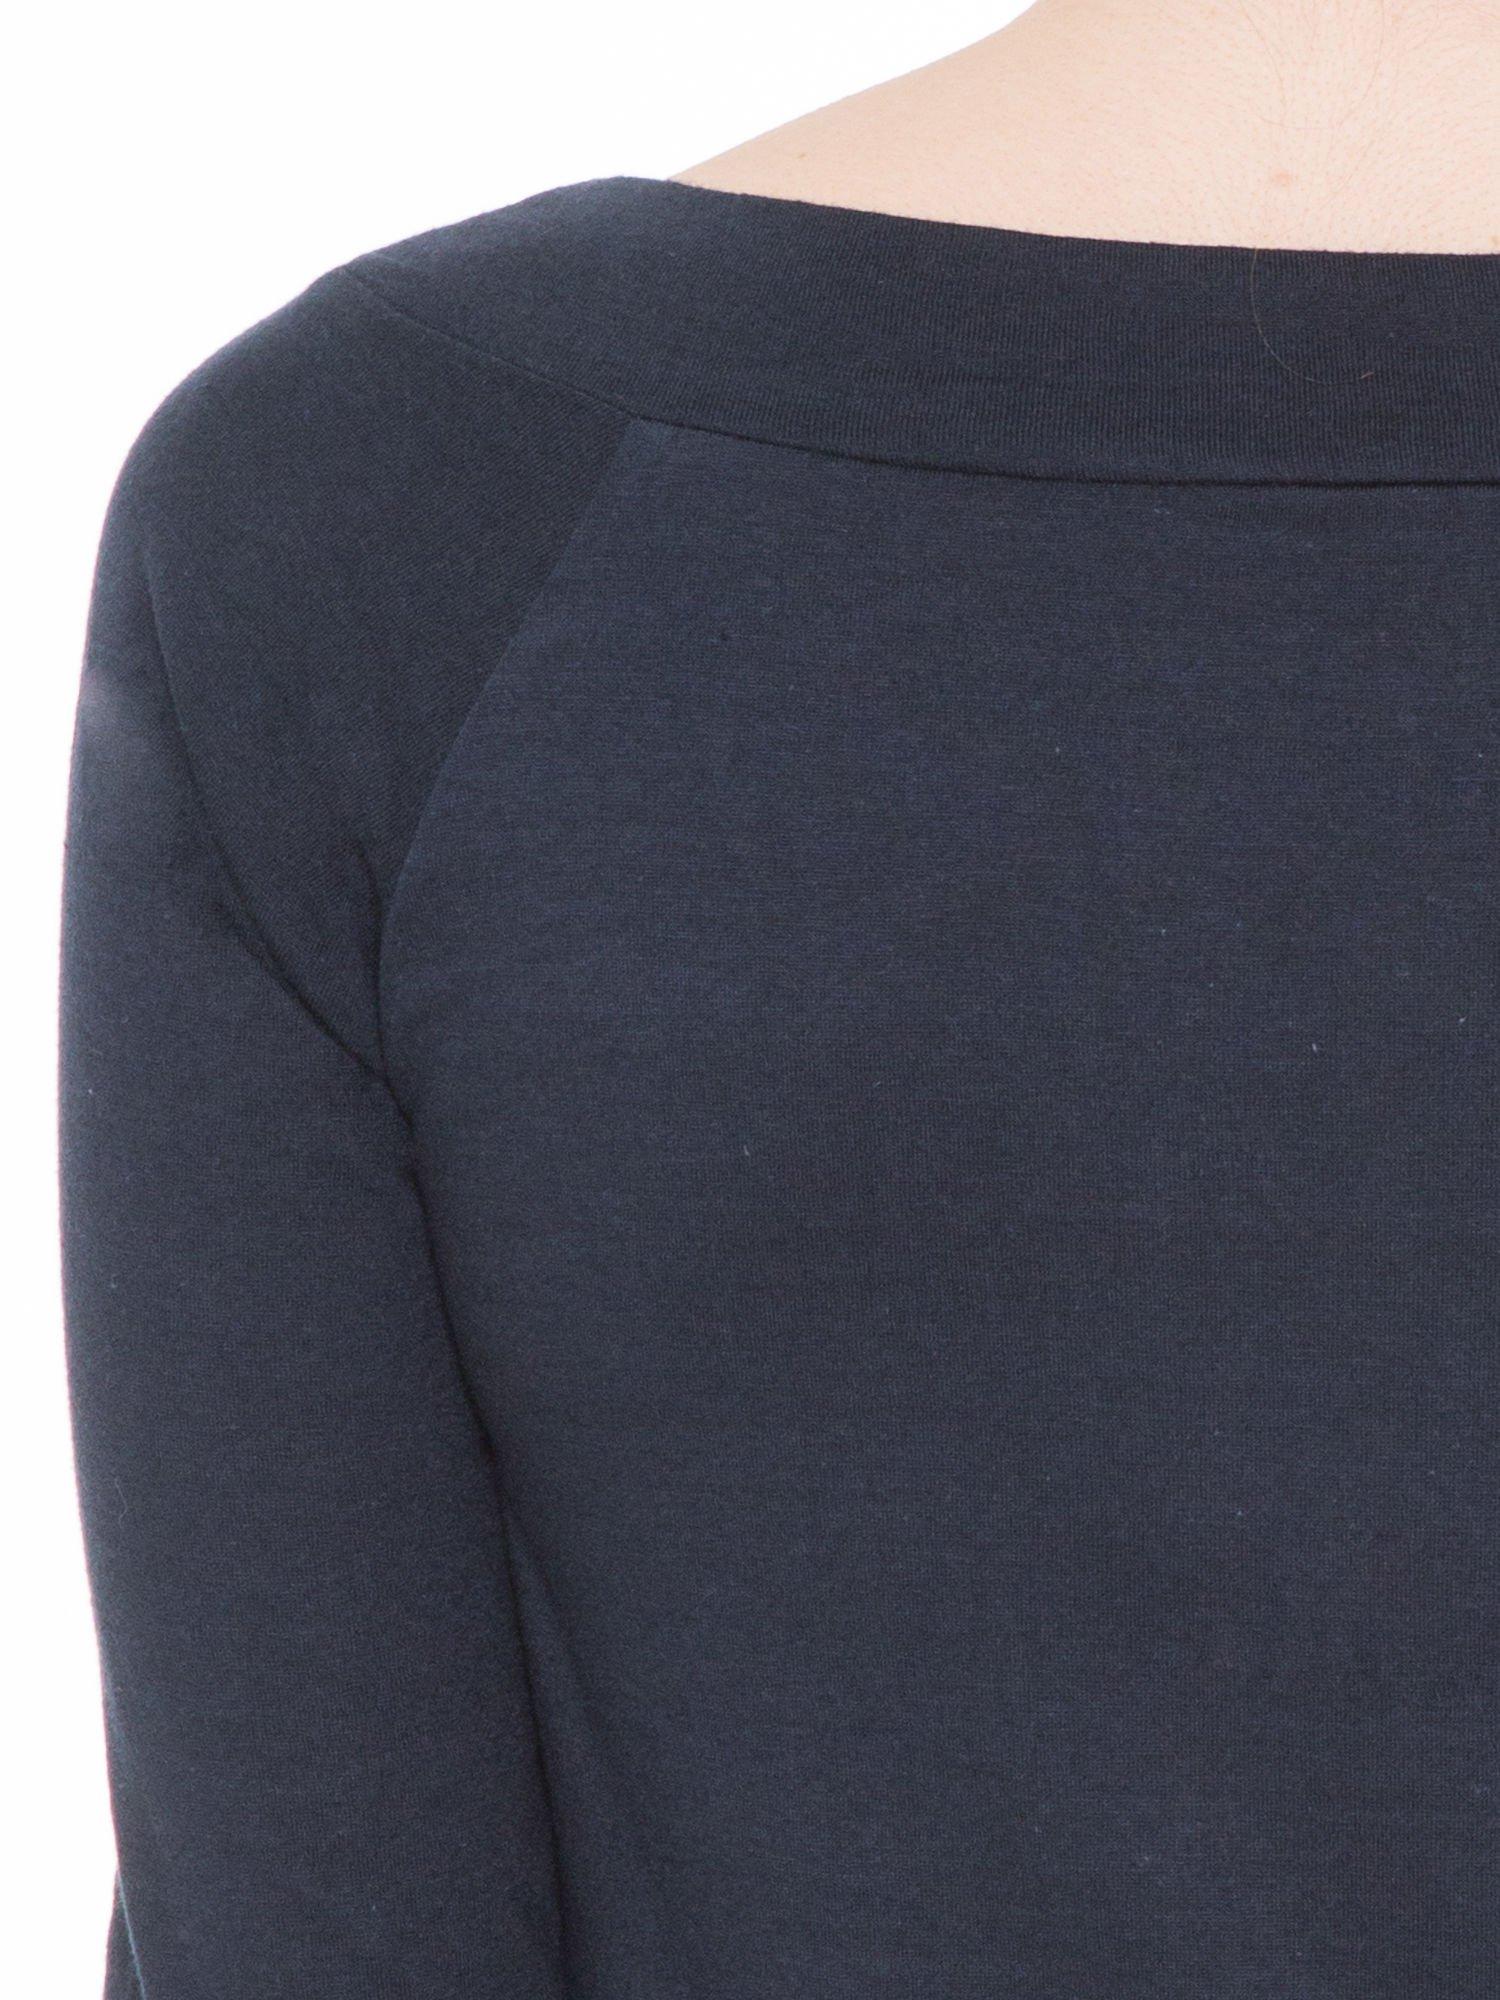 Ciemnogranatowa gładka bluzka z reglanowymi rękawami                                  zdj.                                  7